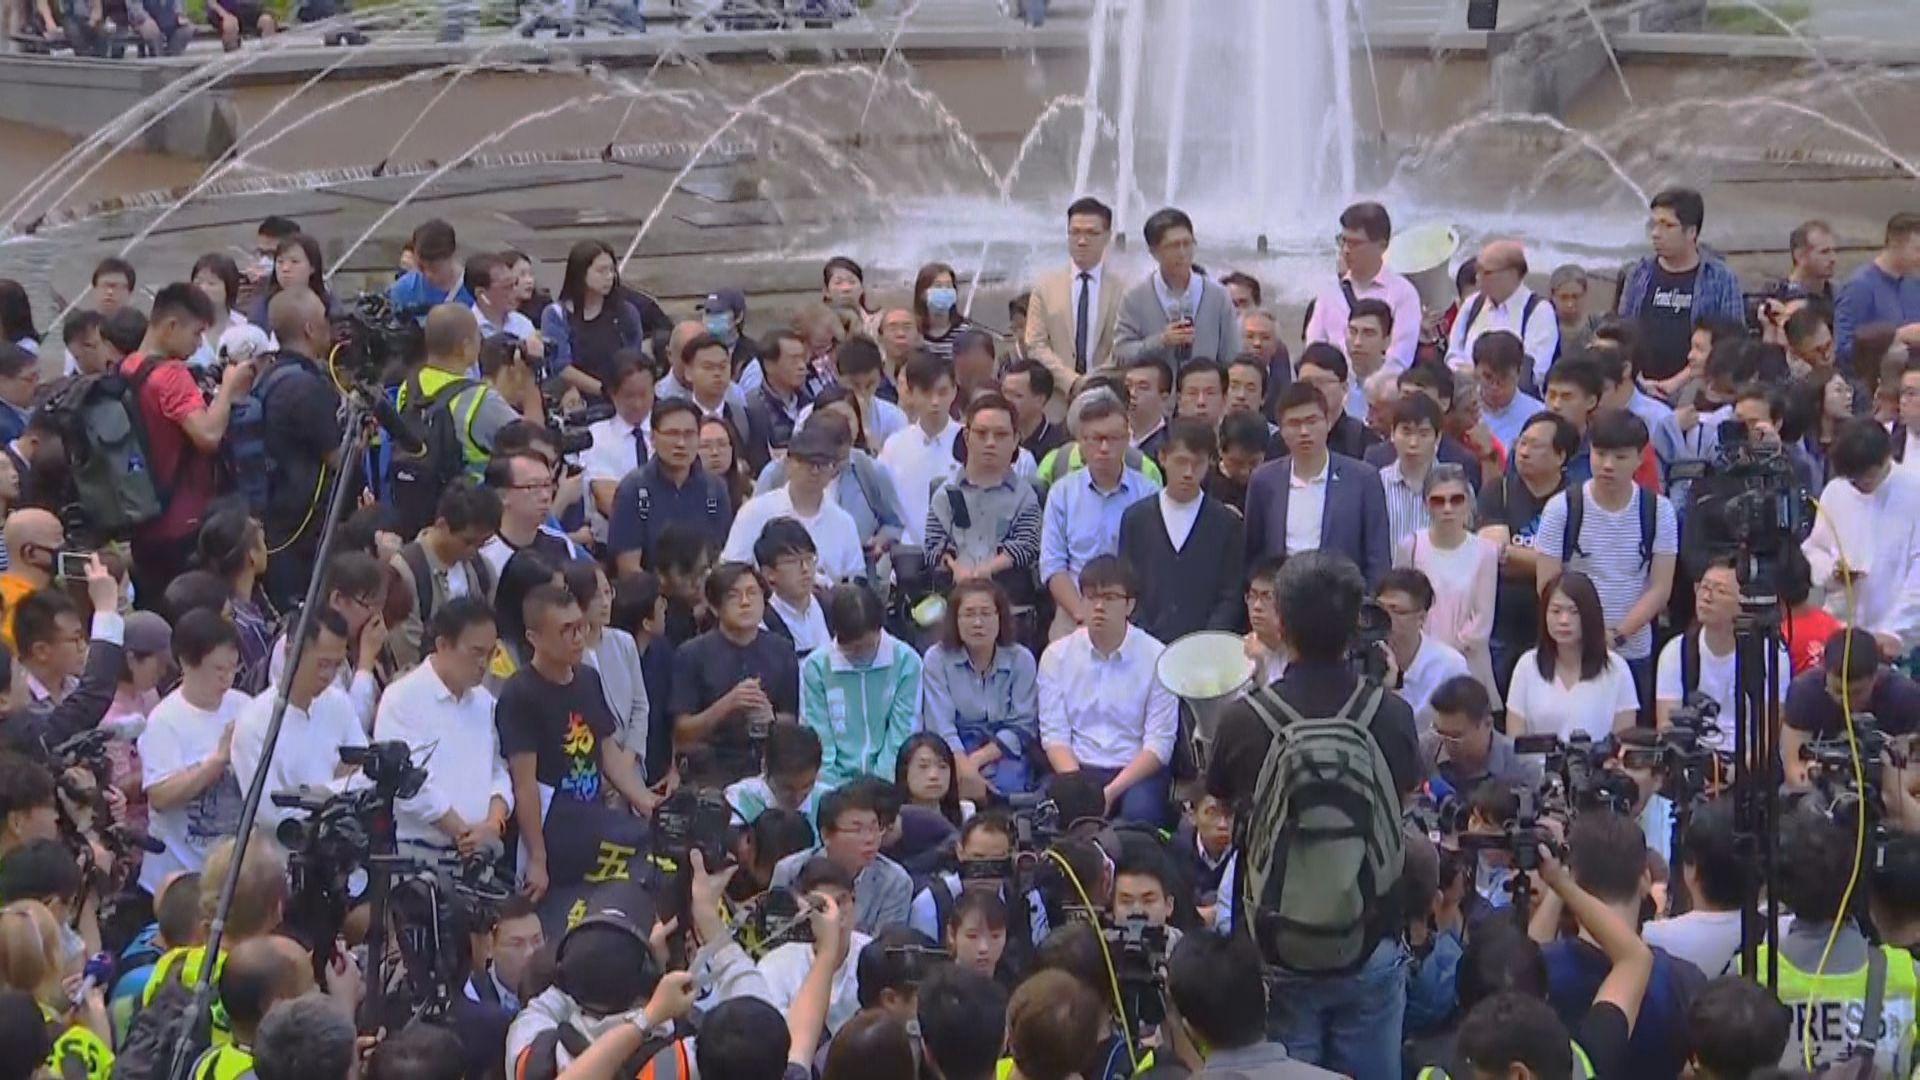 民主派區選當選人尖東集會聲援理大留守者